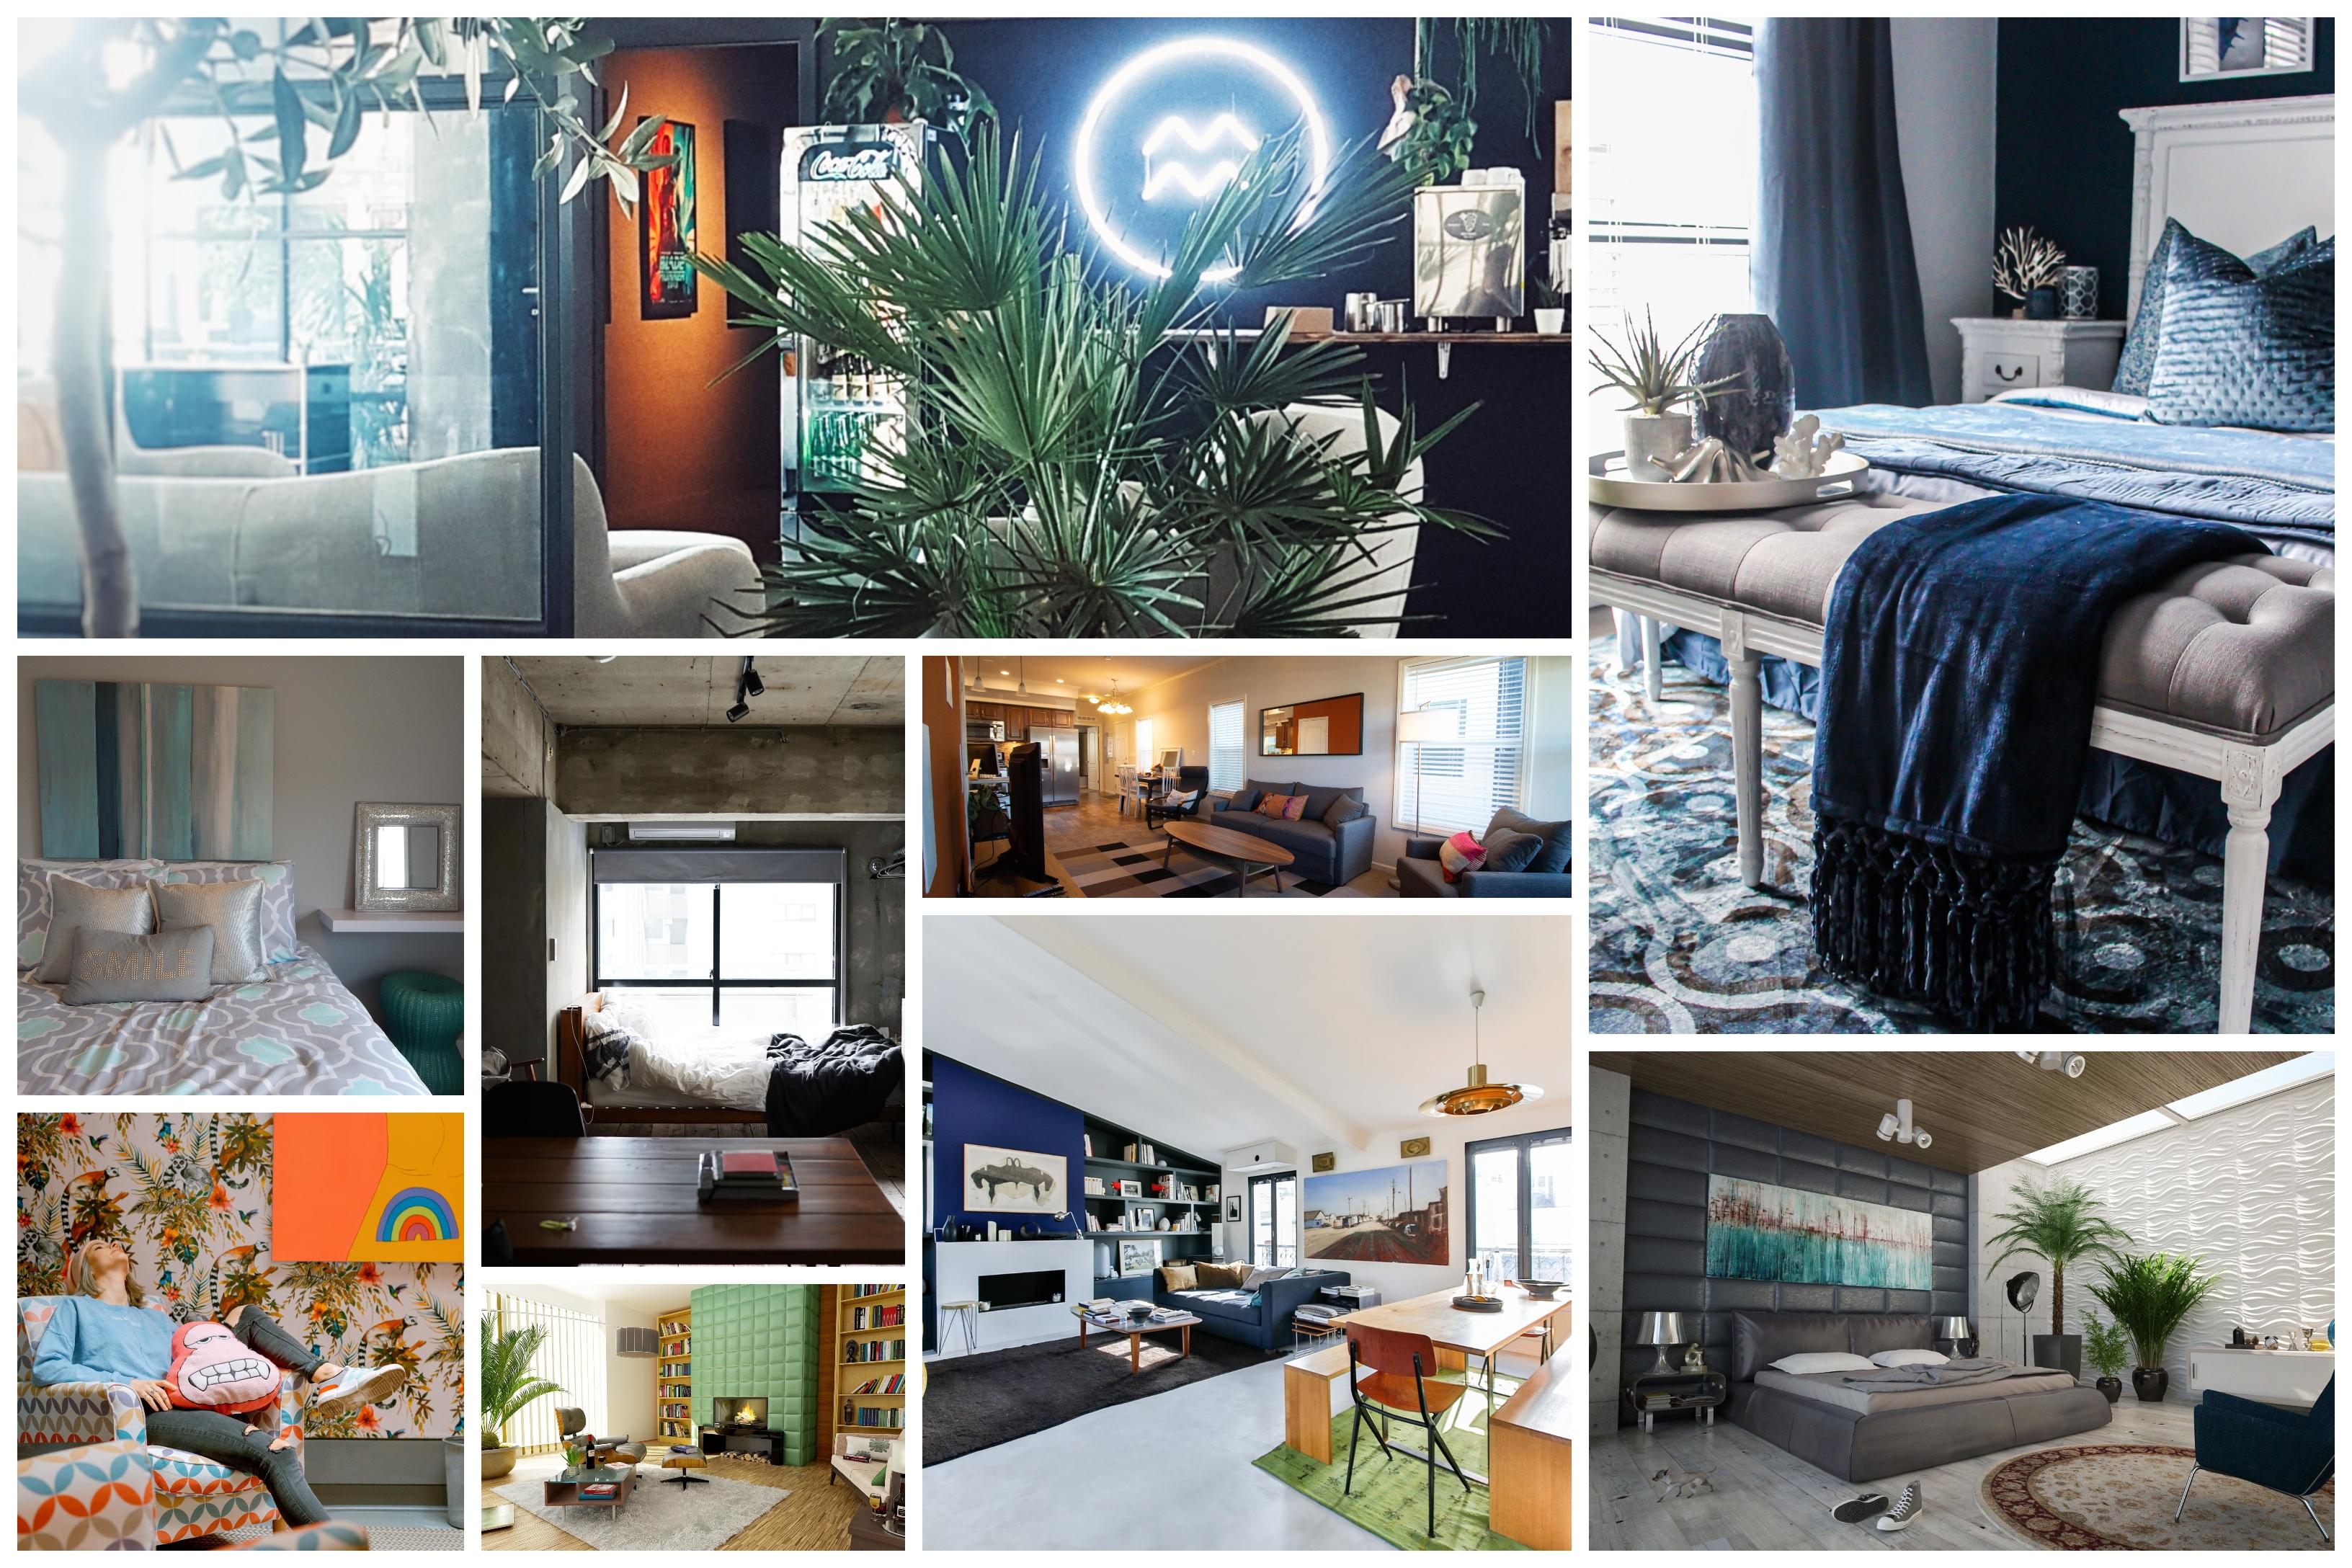 Couleur Mur Salon 2019 ▷ 1001 + idées pour peindre une chambre en deux couleurs